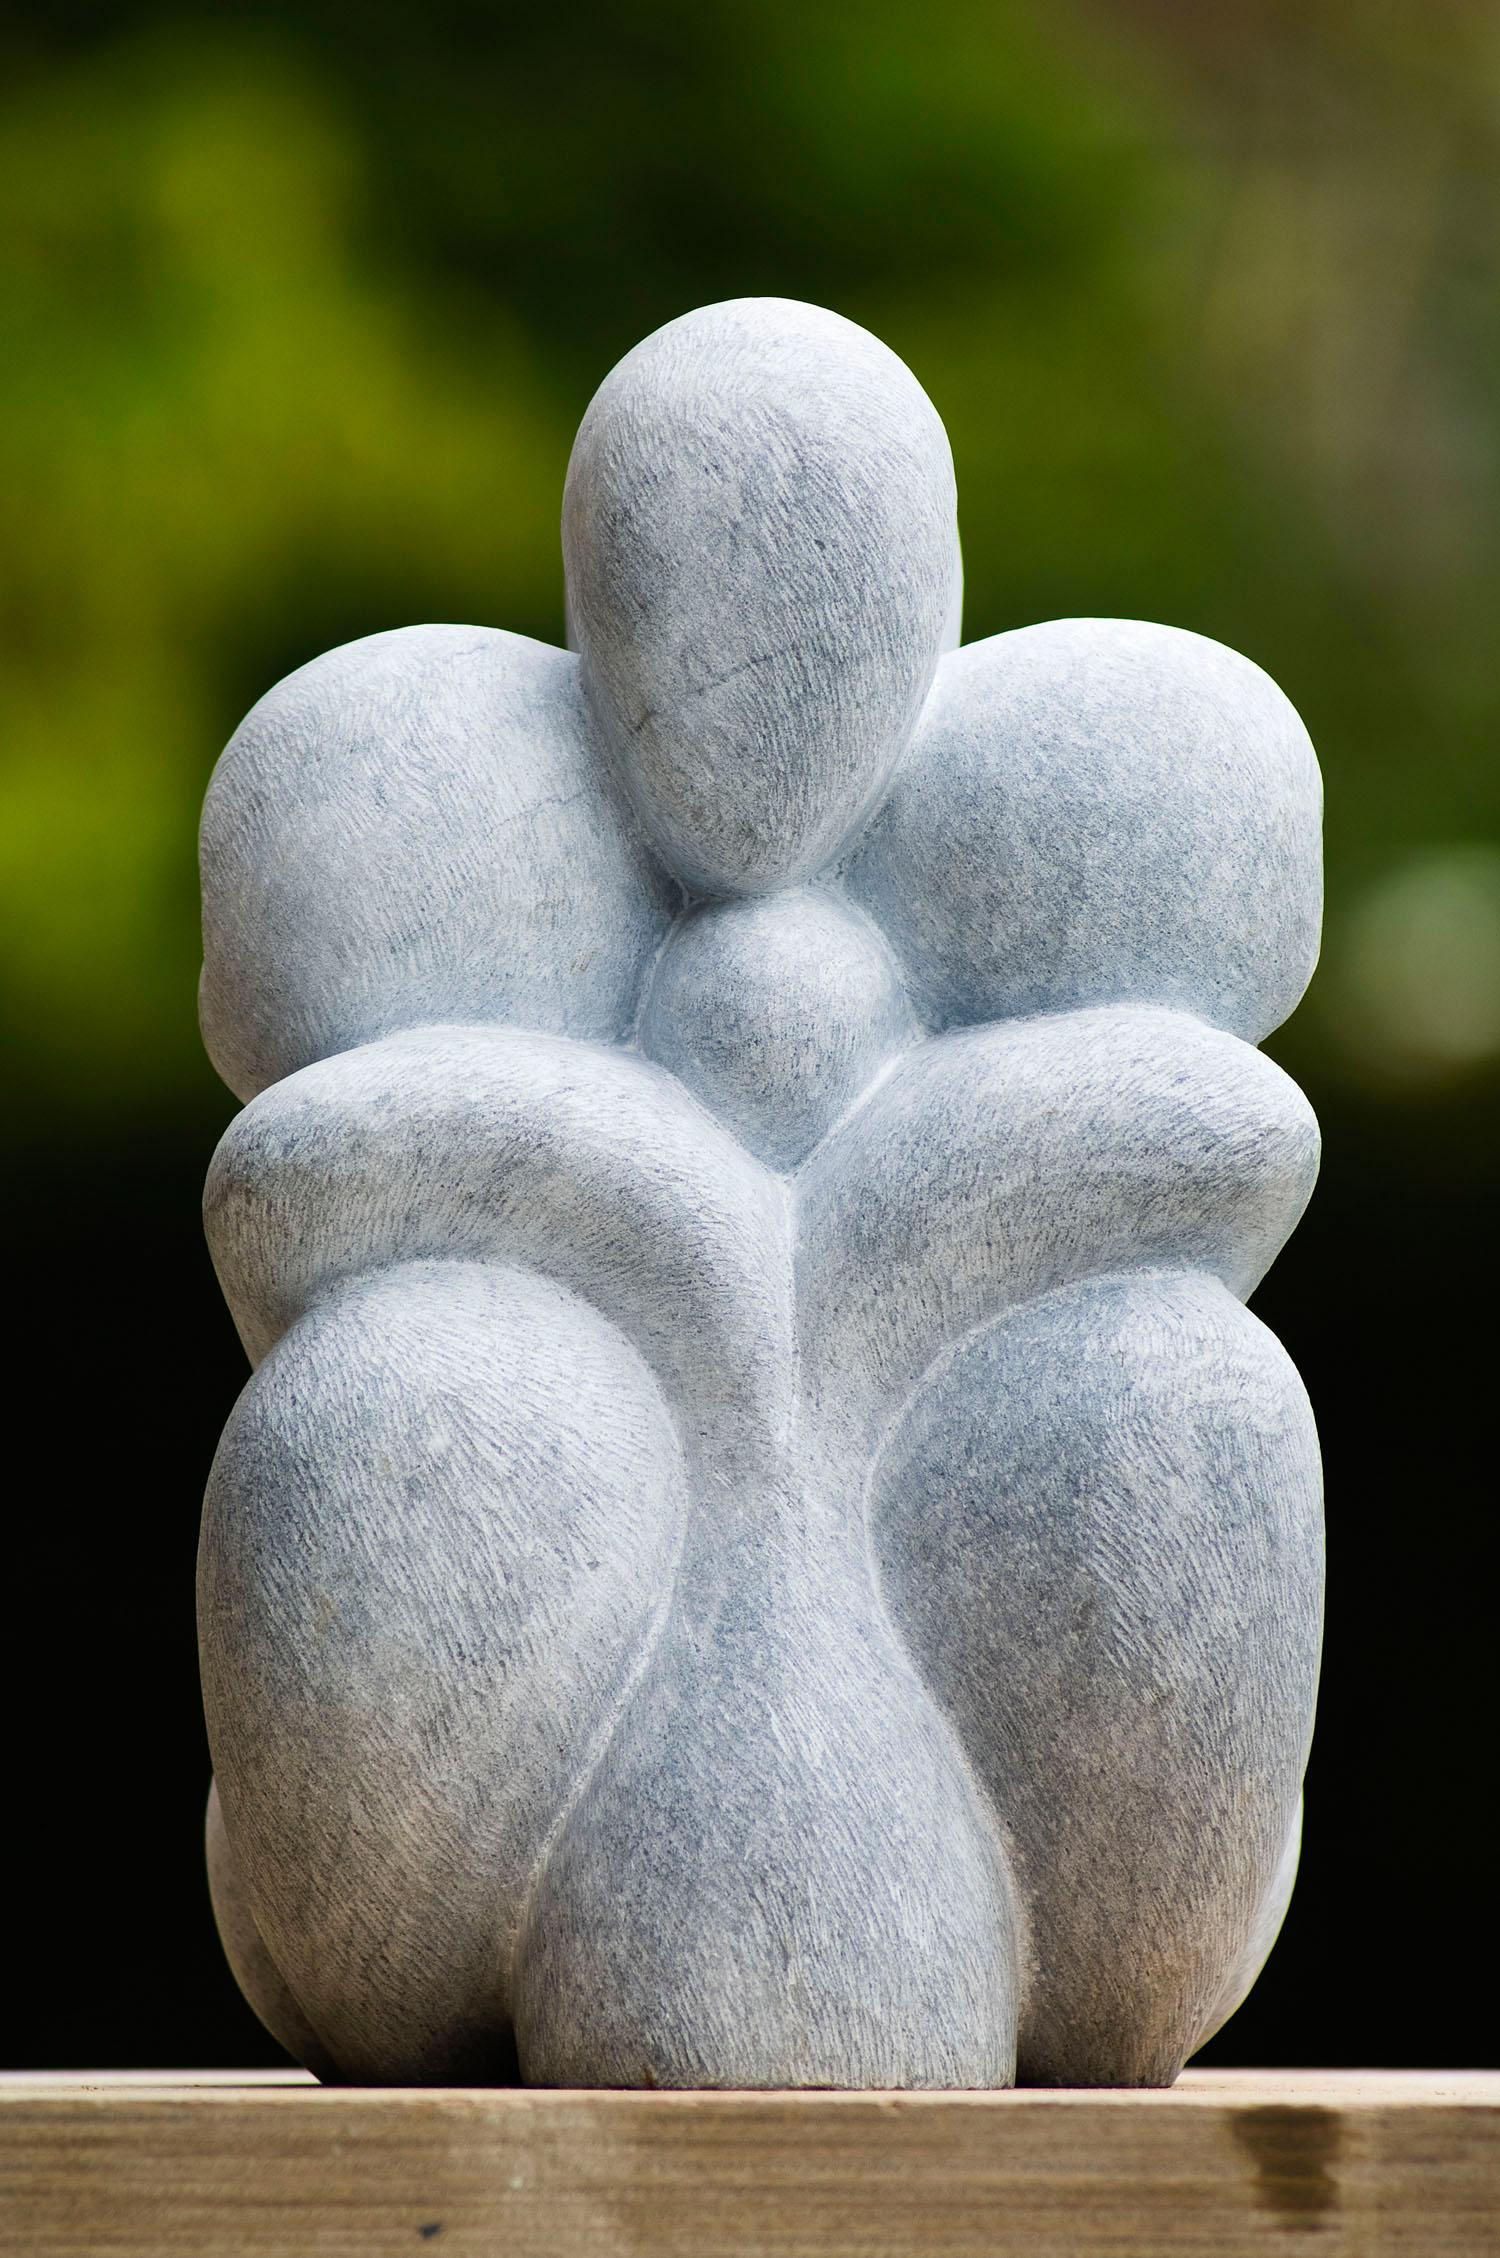 Dit beeldhouwwerk in Bardiglio Marmer heeft als thema liefde en vloeibaarheid. De figuren vloeien als het ware in elkaar over of door elkaar heen. Formaat: 25 x 22 x 40 cm.